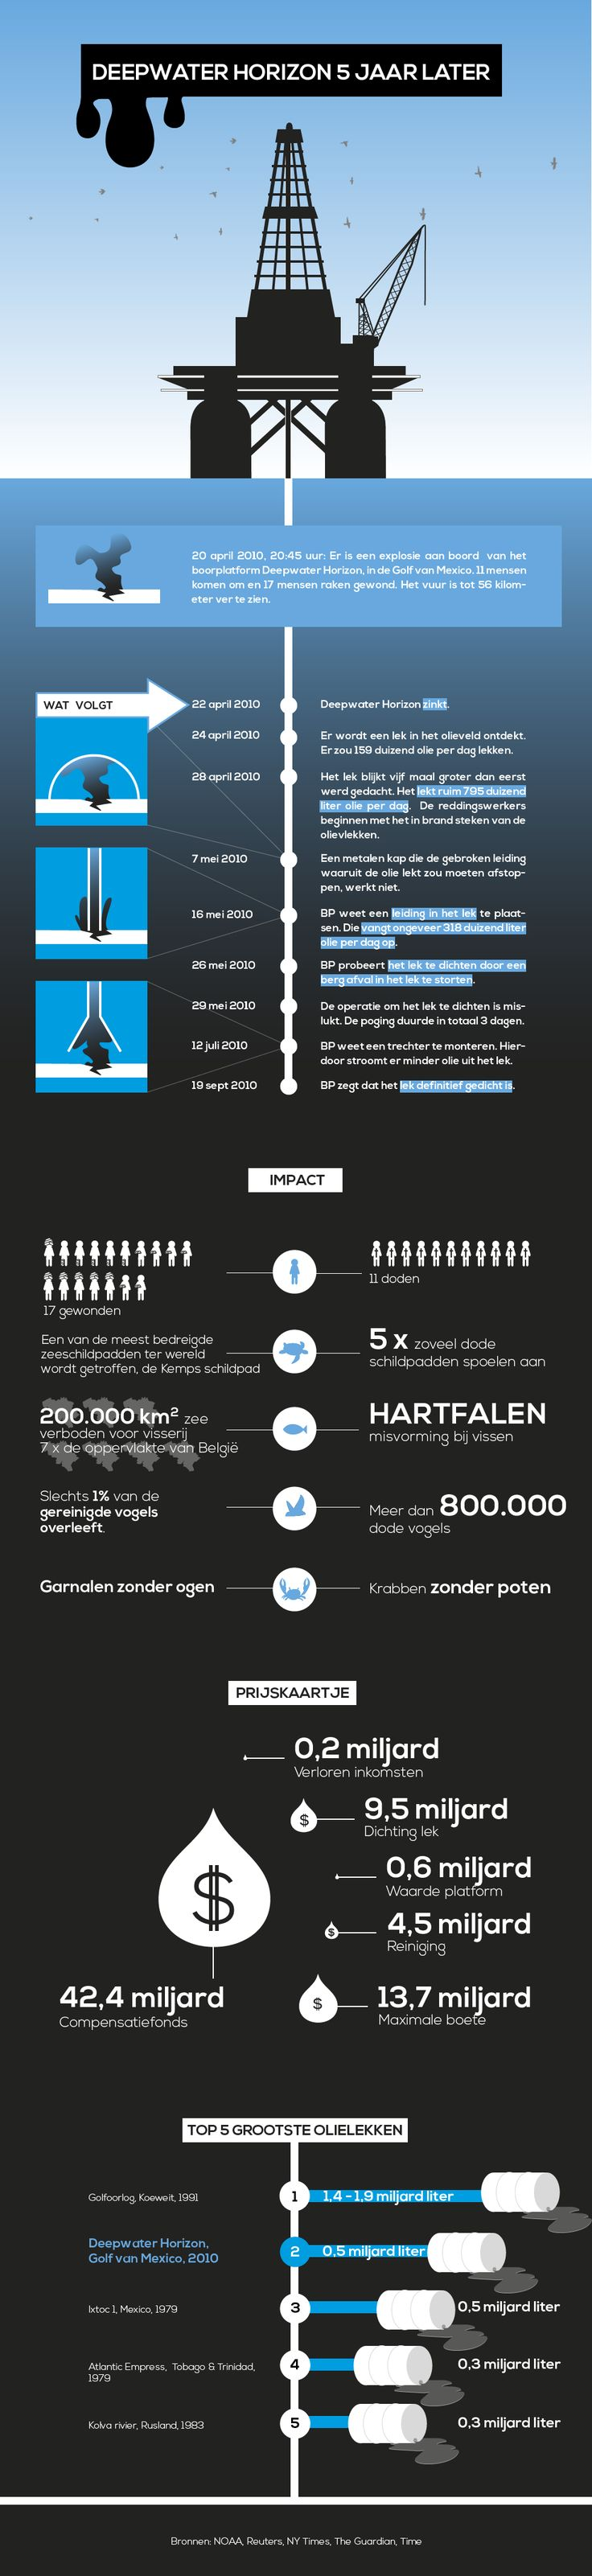 5 jaar geleden: ontploffing op boorplatform Deepwater Horizon